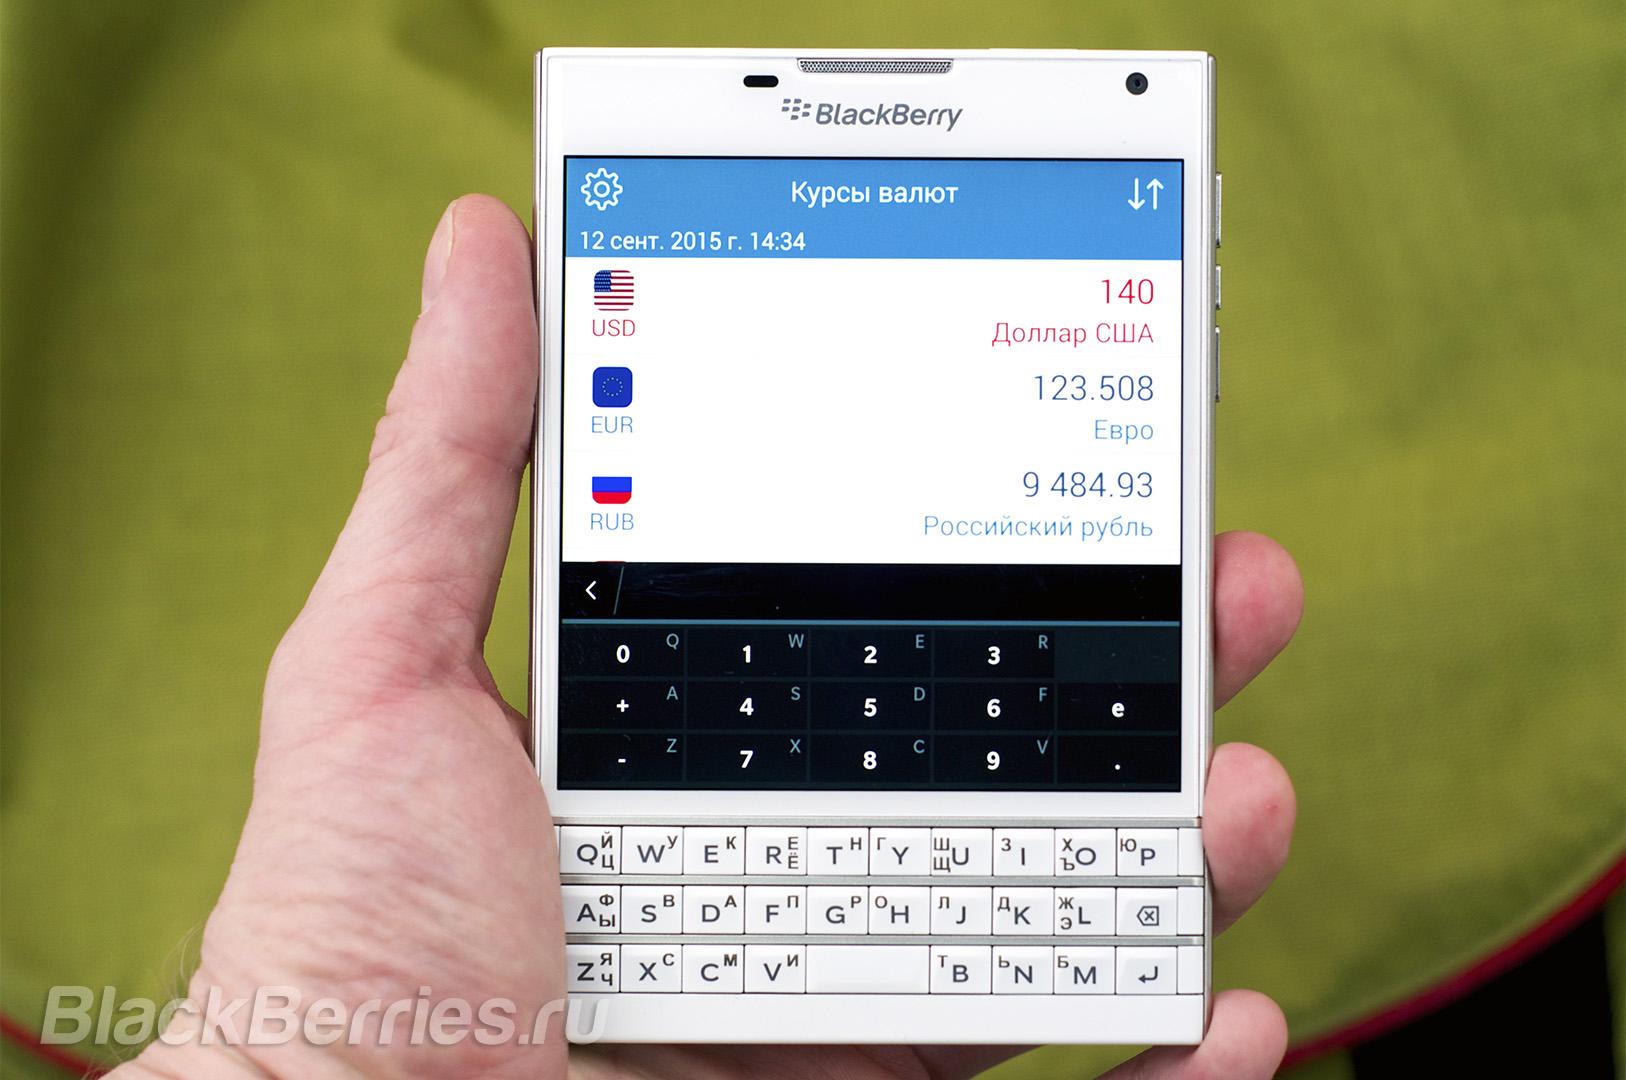 BlackBerry-Apps-12-09-01